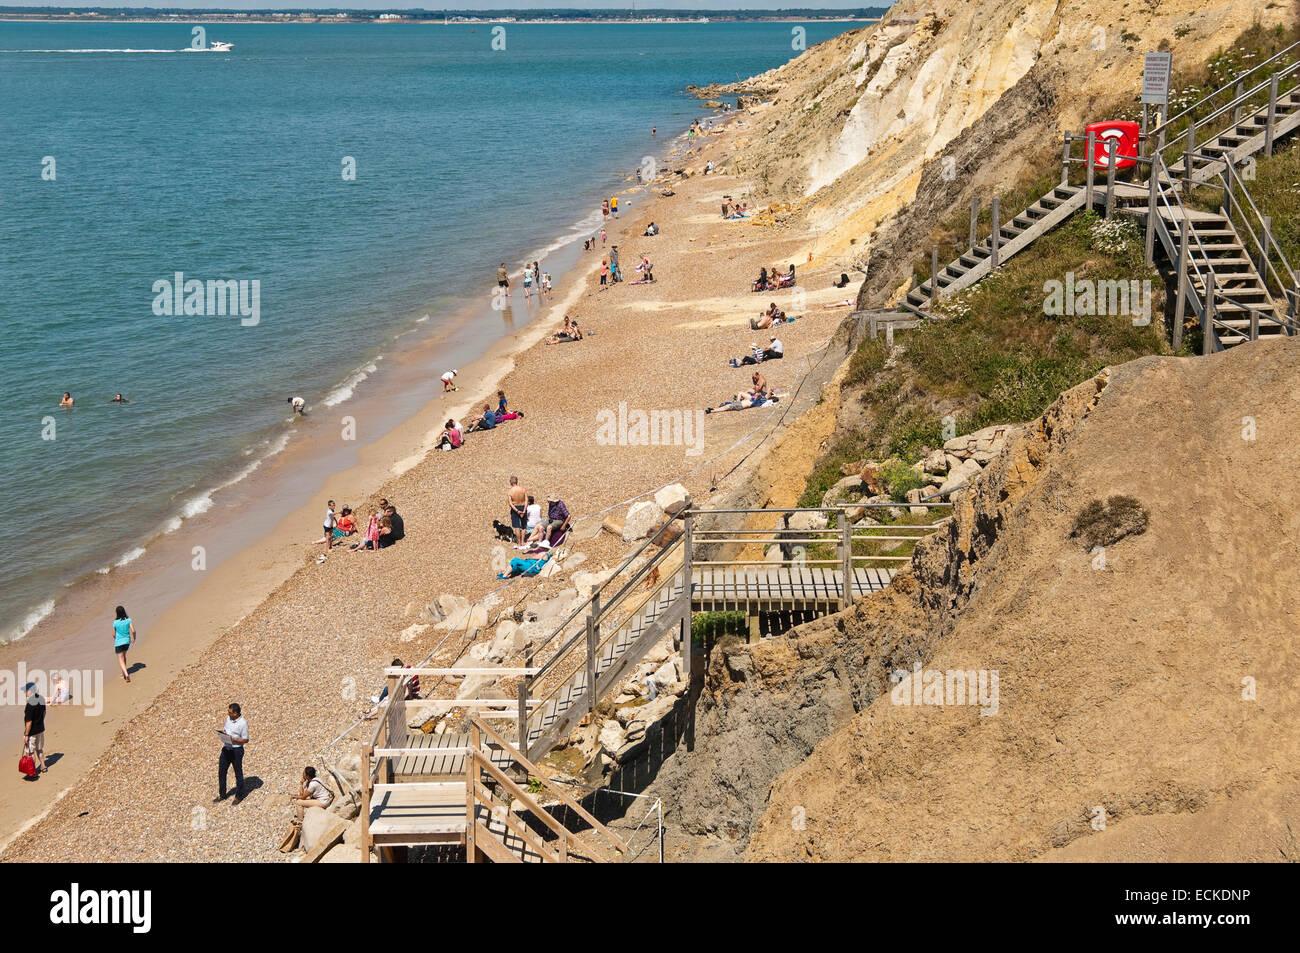 Horizontale Luftaufnahme von Touristen am Strand von Alum Bay auf der Isle Of Wight. Stockfoto